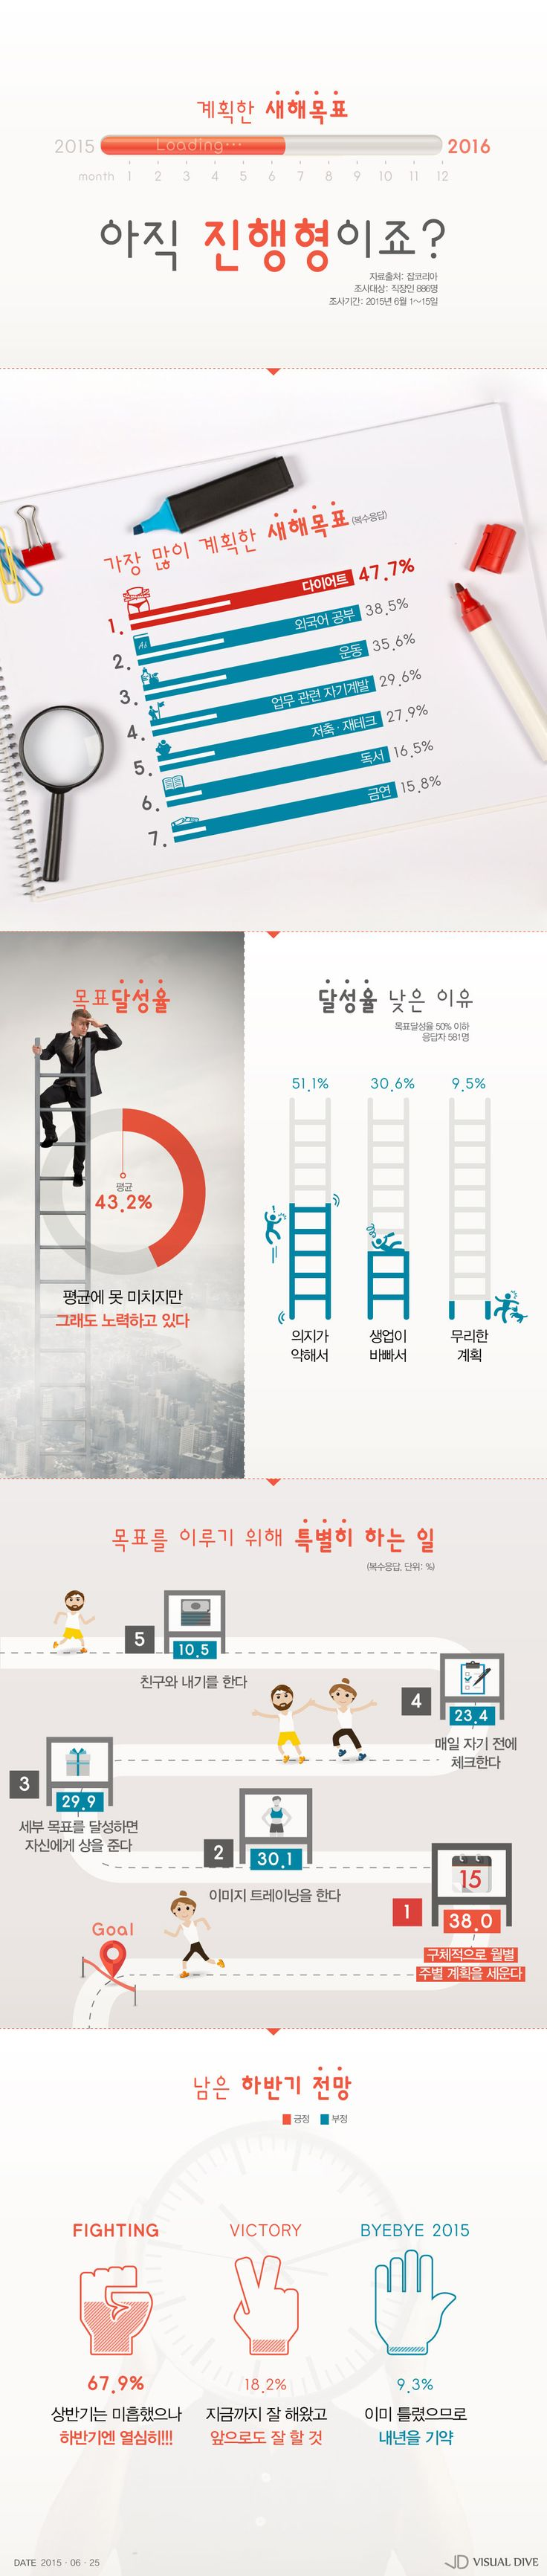 [직장인 결심] 상반기 새해목표 달성율은? [인포그래픽] #Goals / #Infographic ⓒ 비주얼다이브 무단 복사·전재·재배포 금지